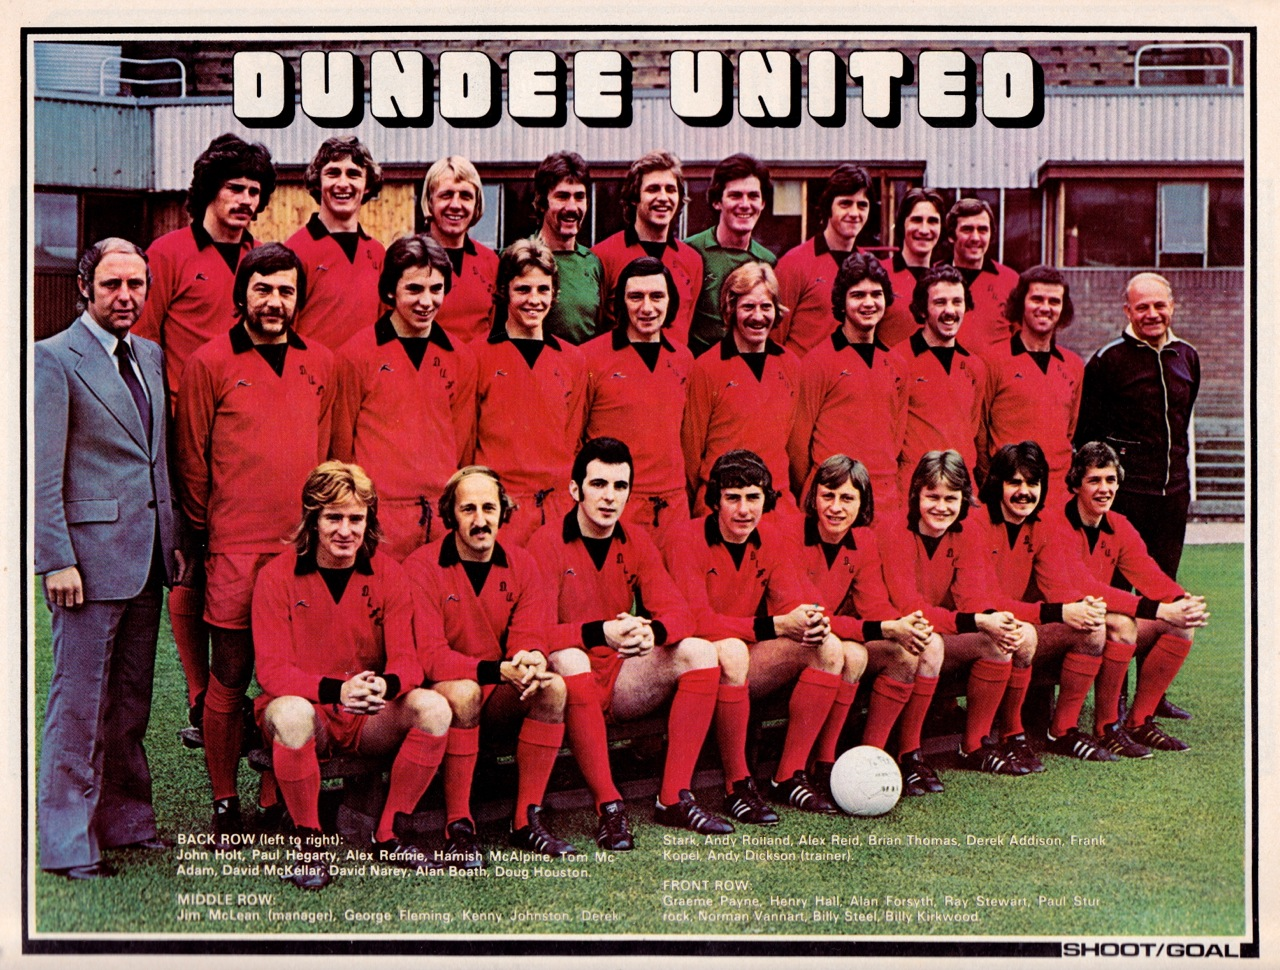 dundee united - photo #30